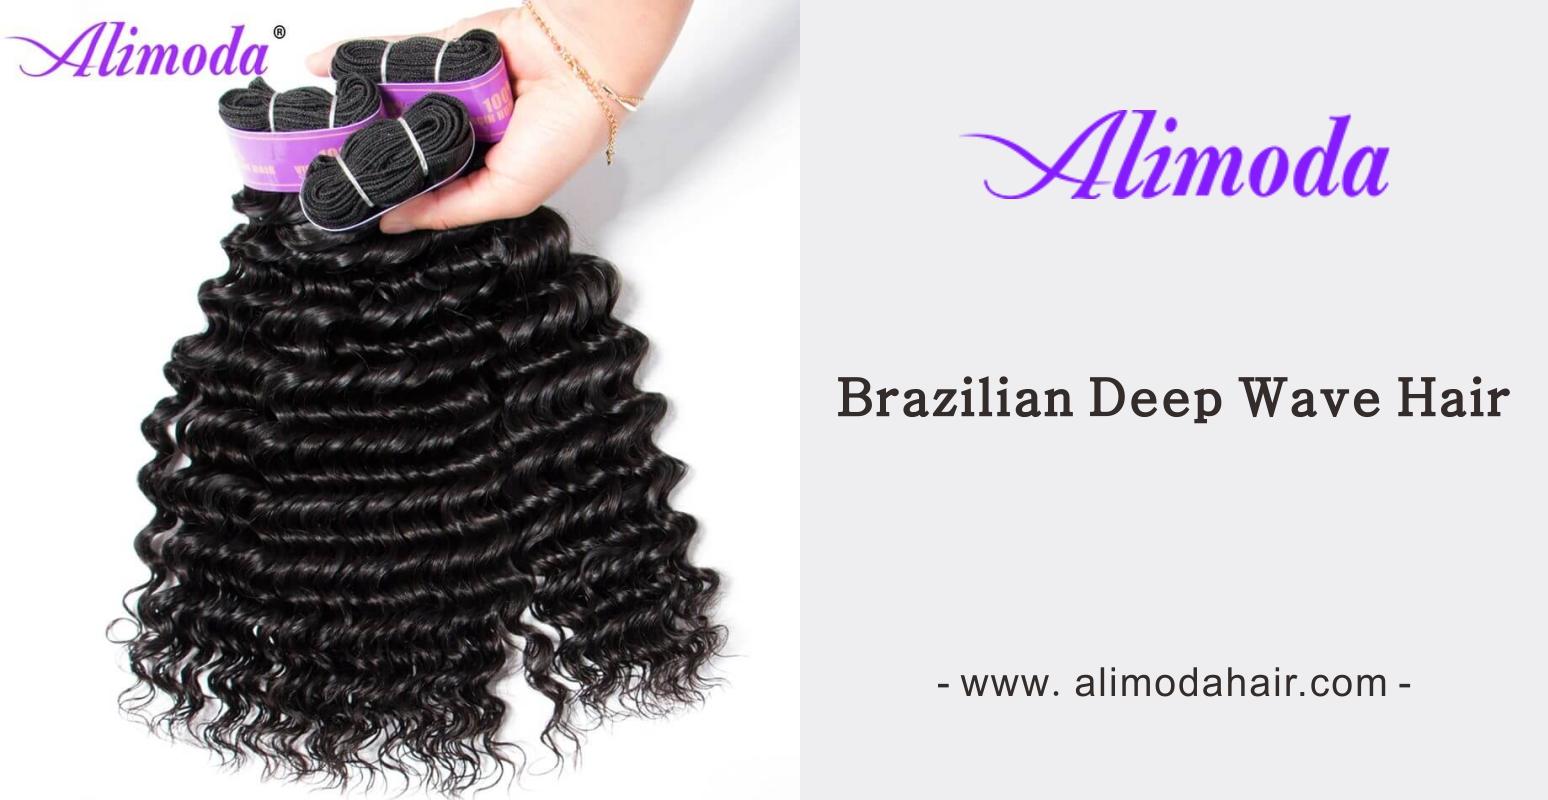 Alimoda Brazilian deep wave hair